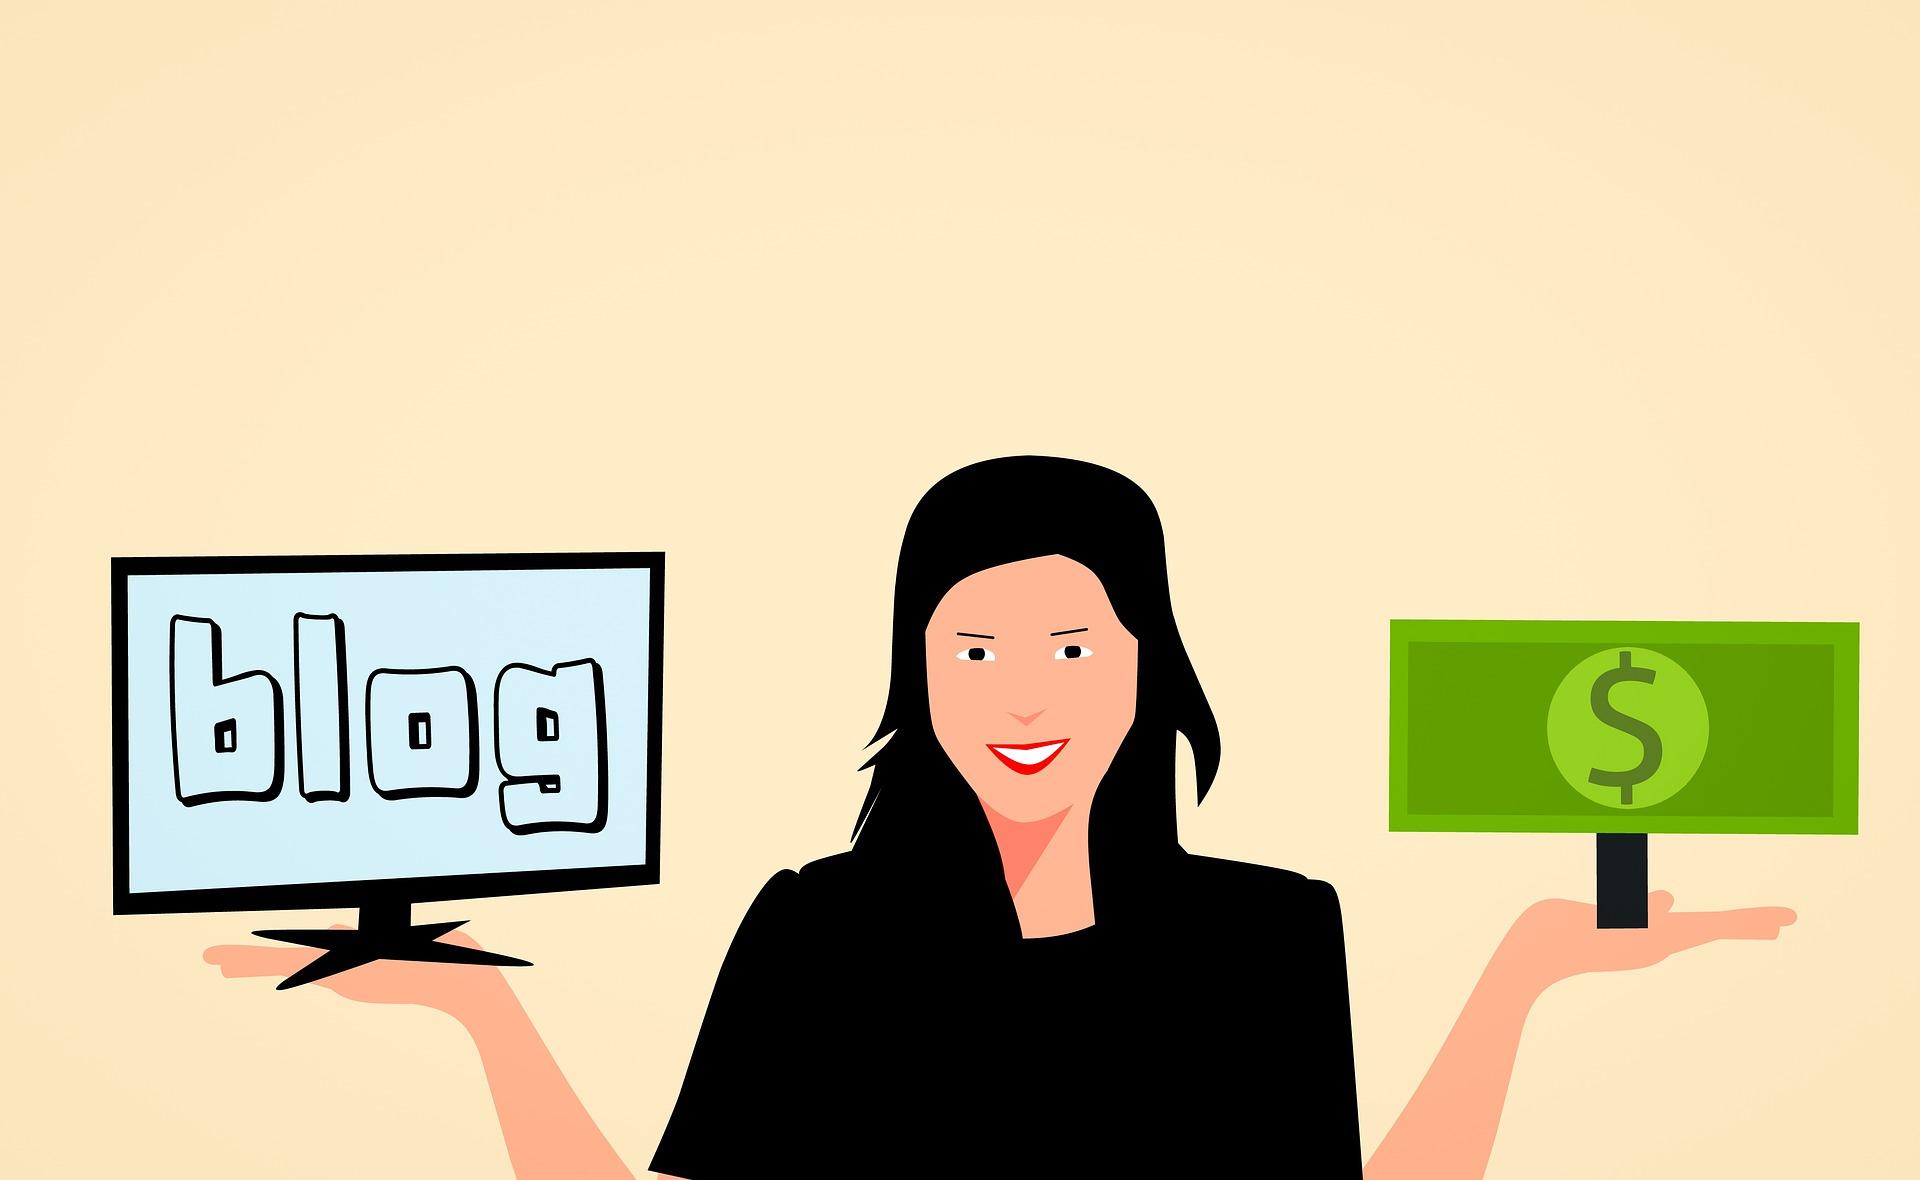 Como Ganhar Dinheiro com Blog【6 Formas Definitivas】